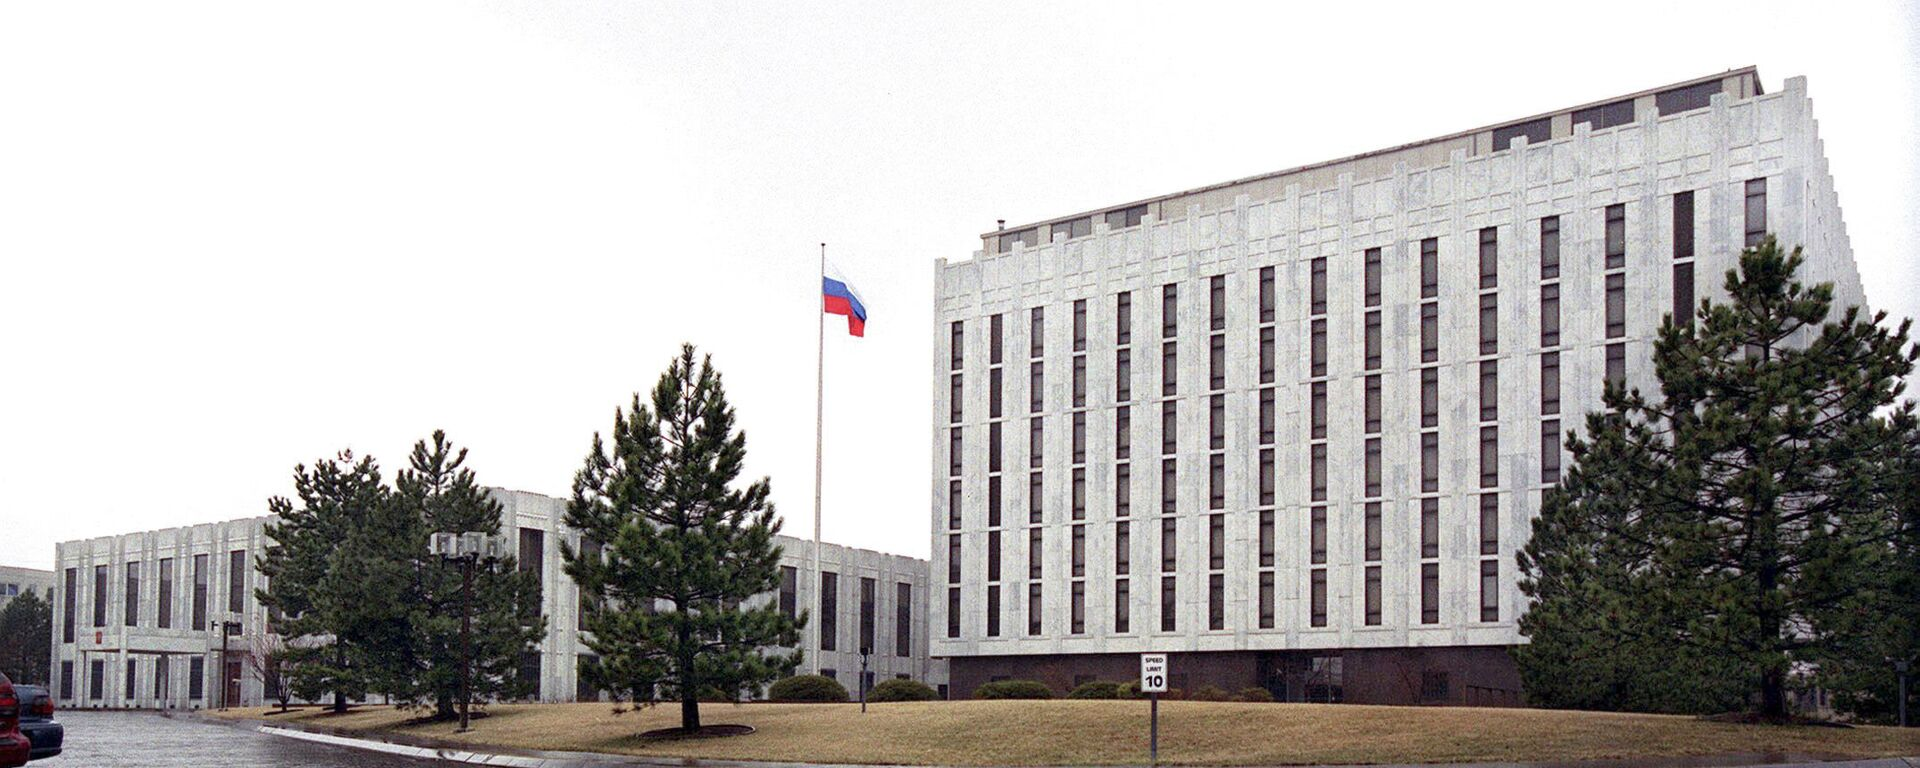 Здание Российского посольства в Вашингтоне - Sputnik Việt Nam, 1920, 20.03.2021